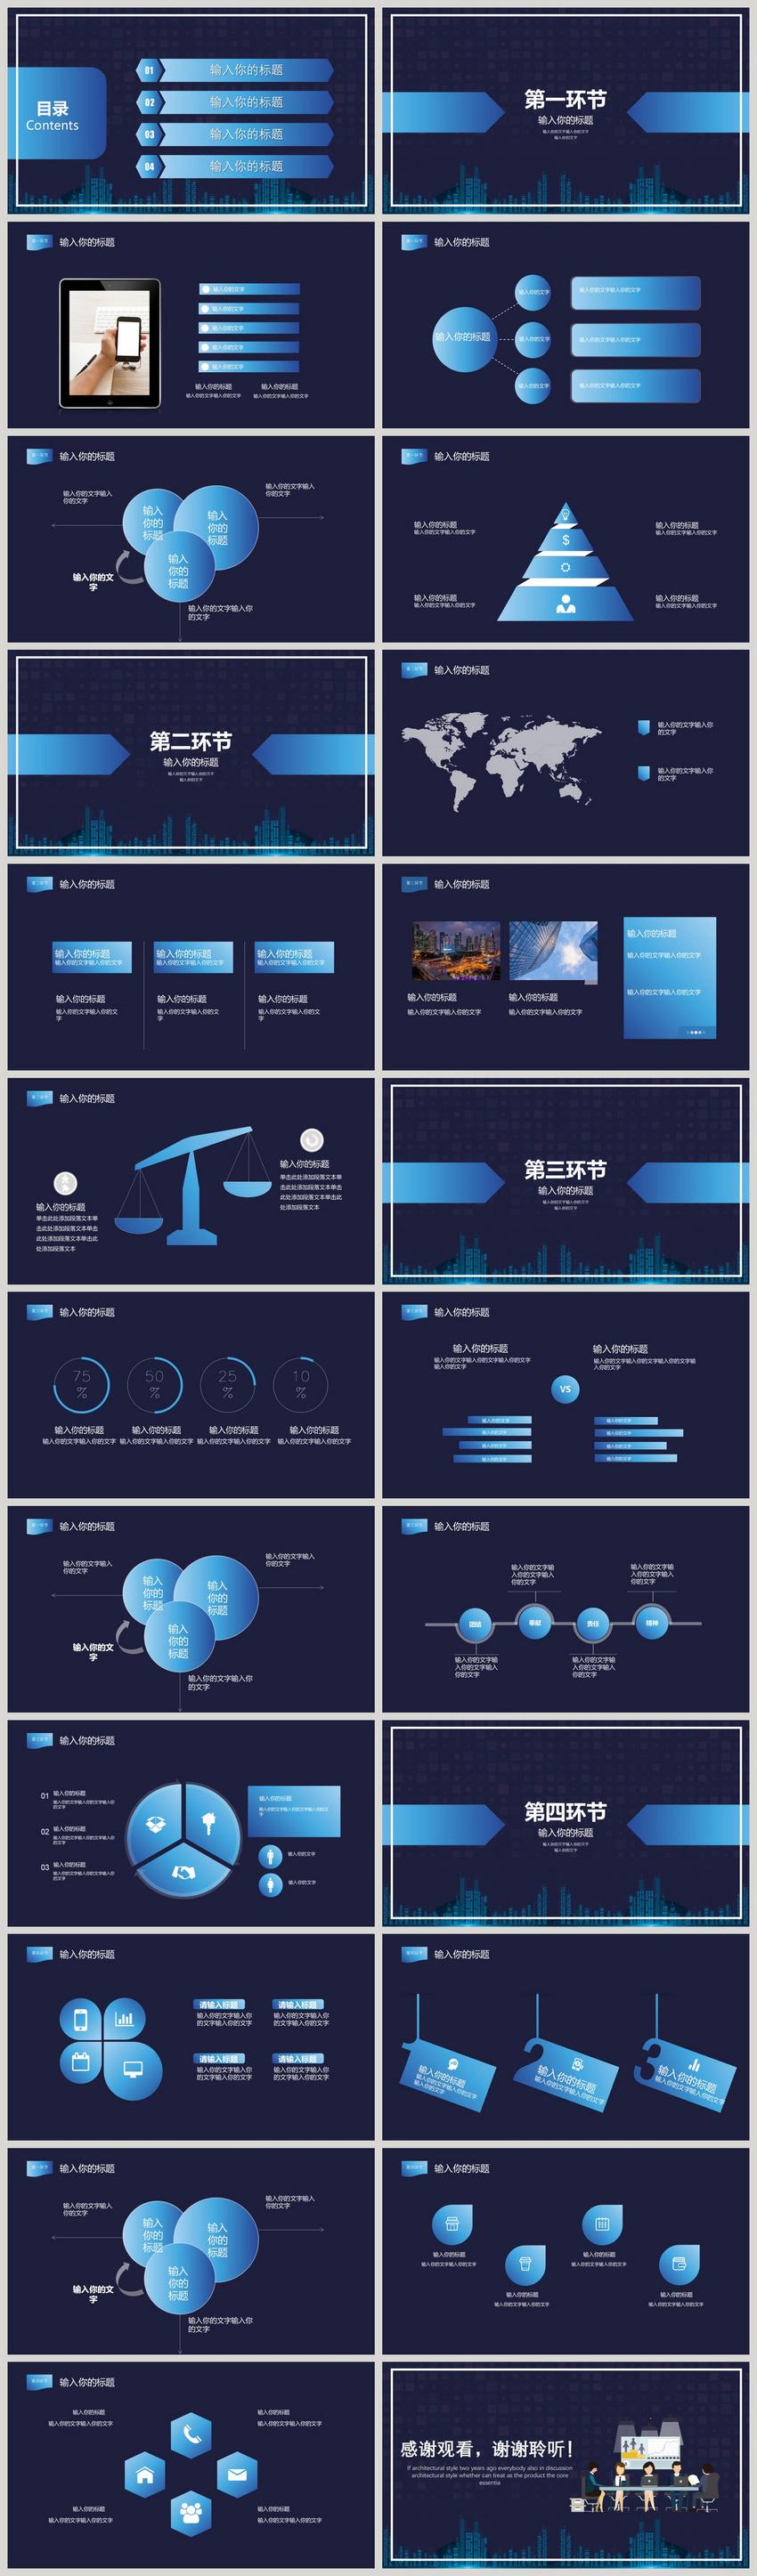 蓝色商务渐变风企业招聘PPT模板图片